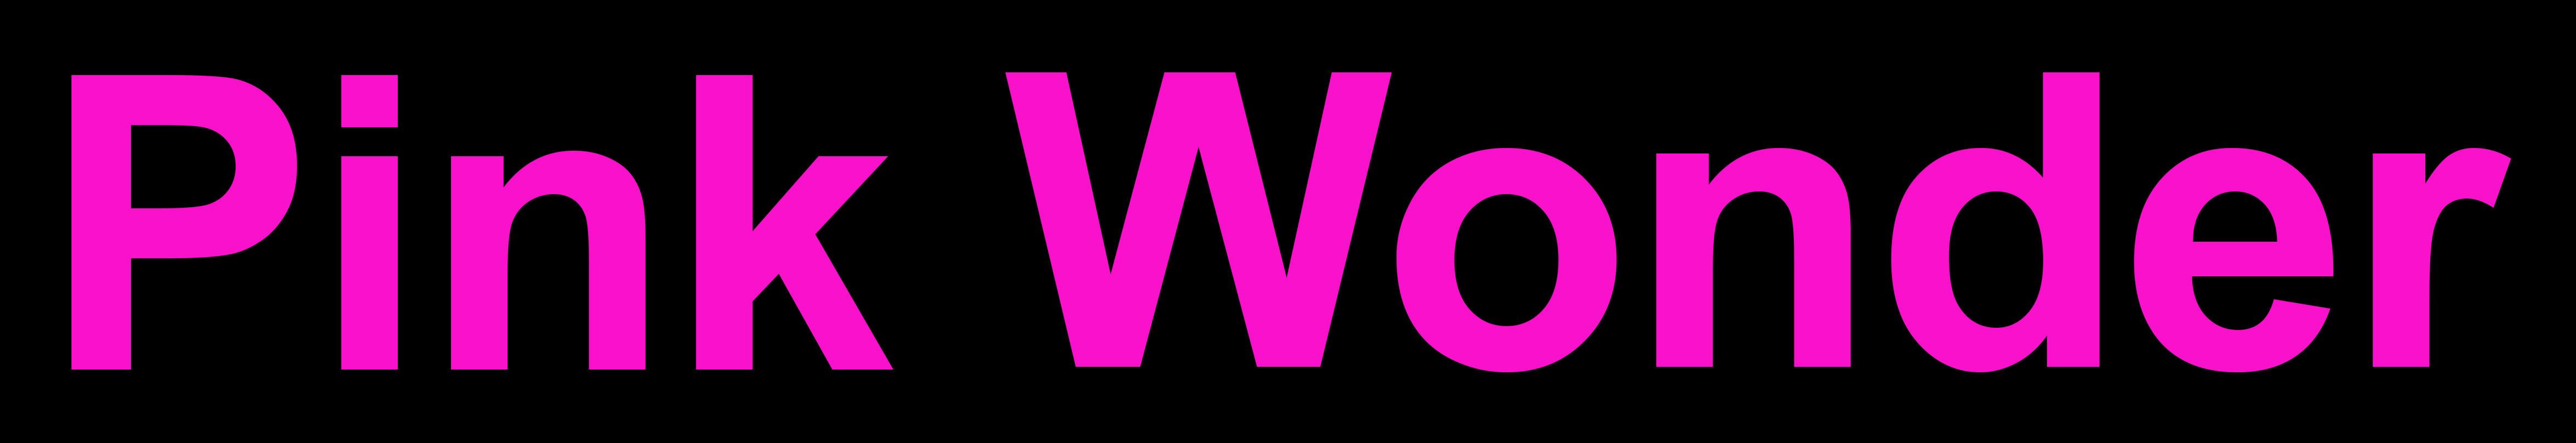 Pink Wonder - Pink Puke